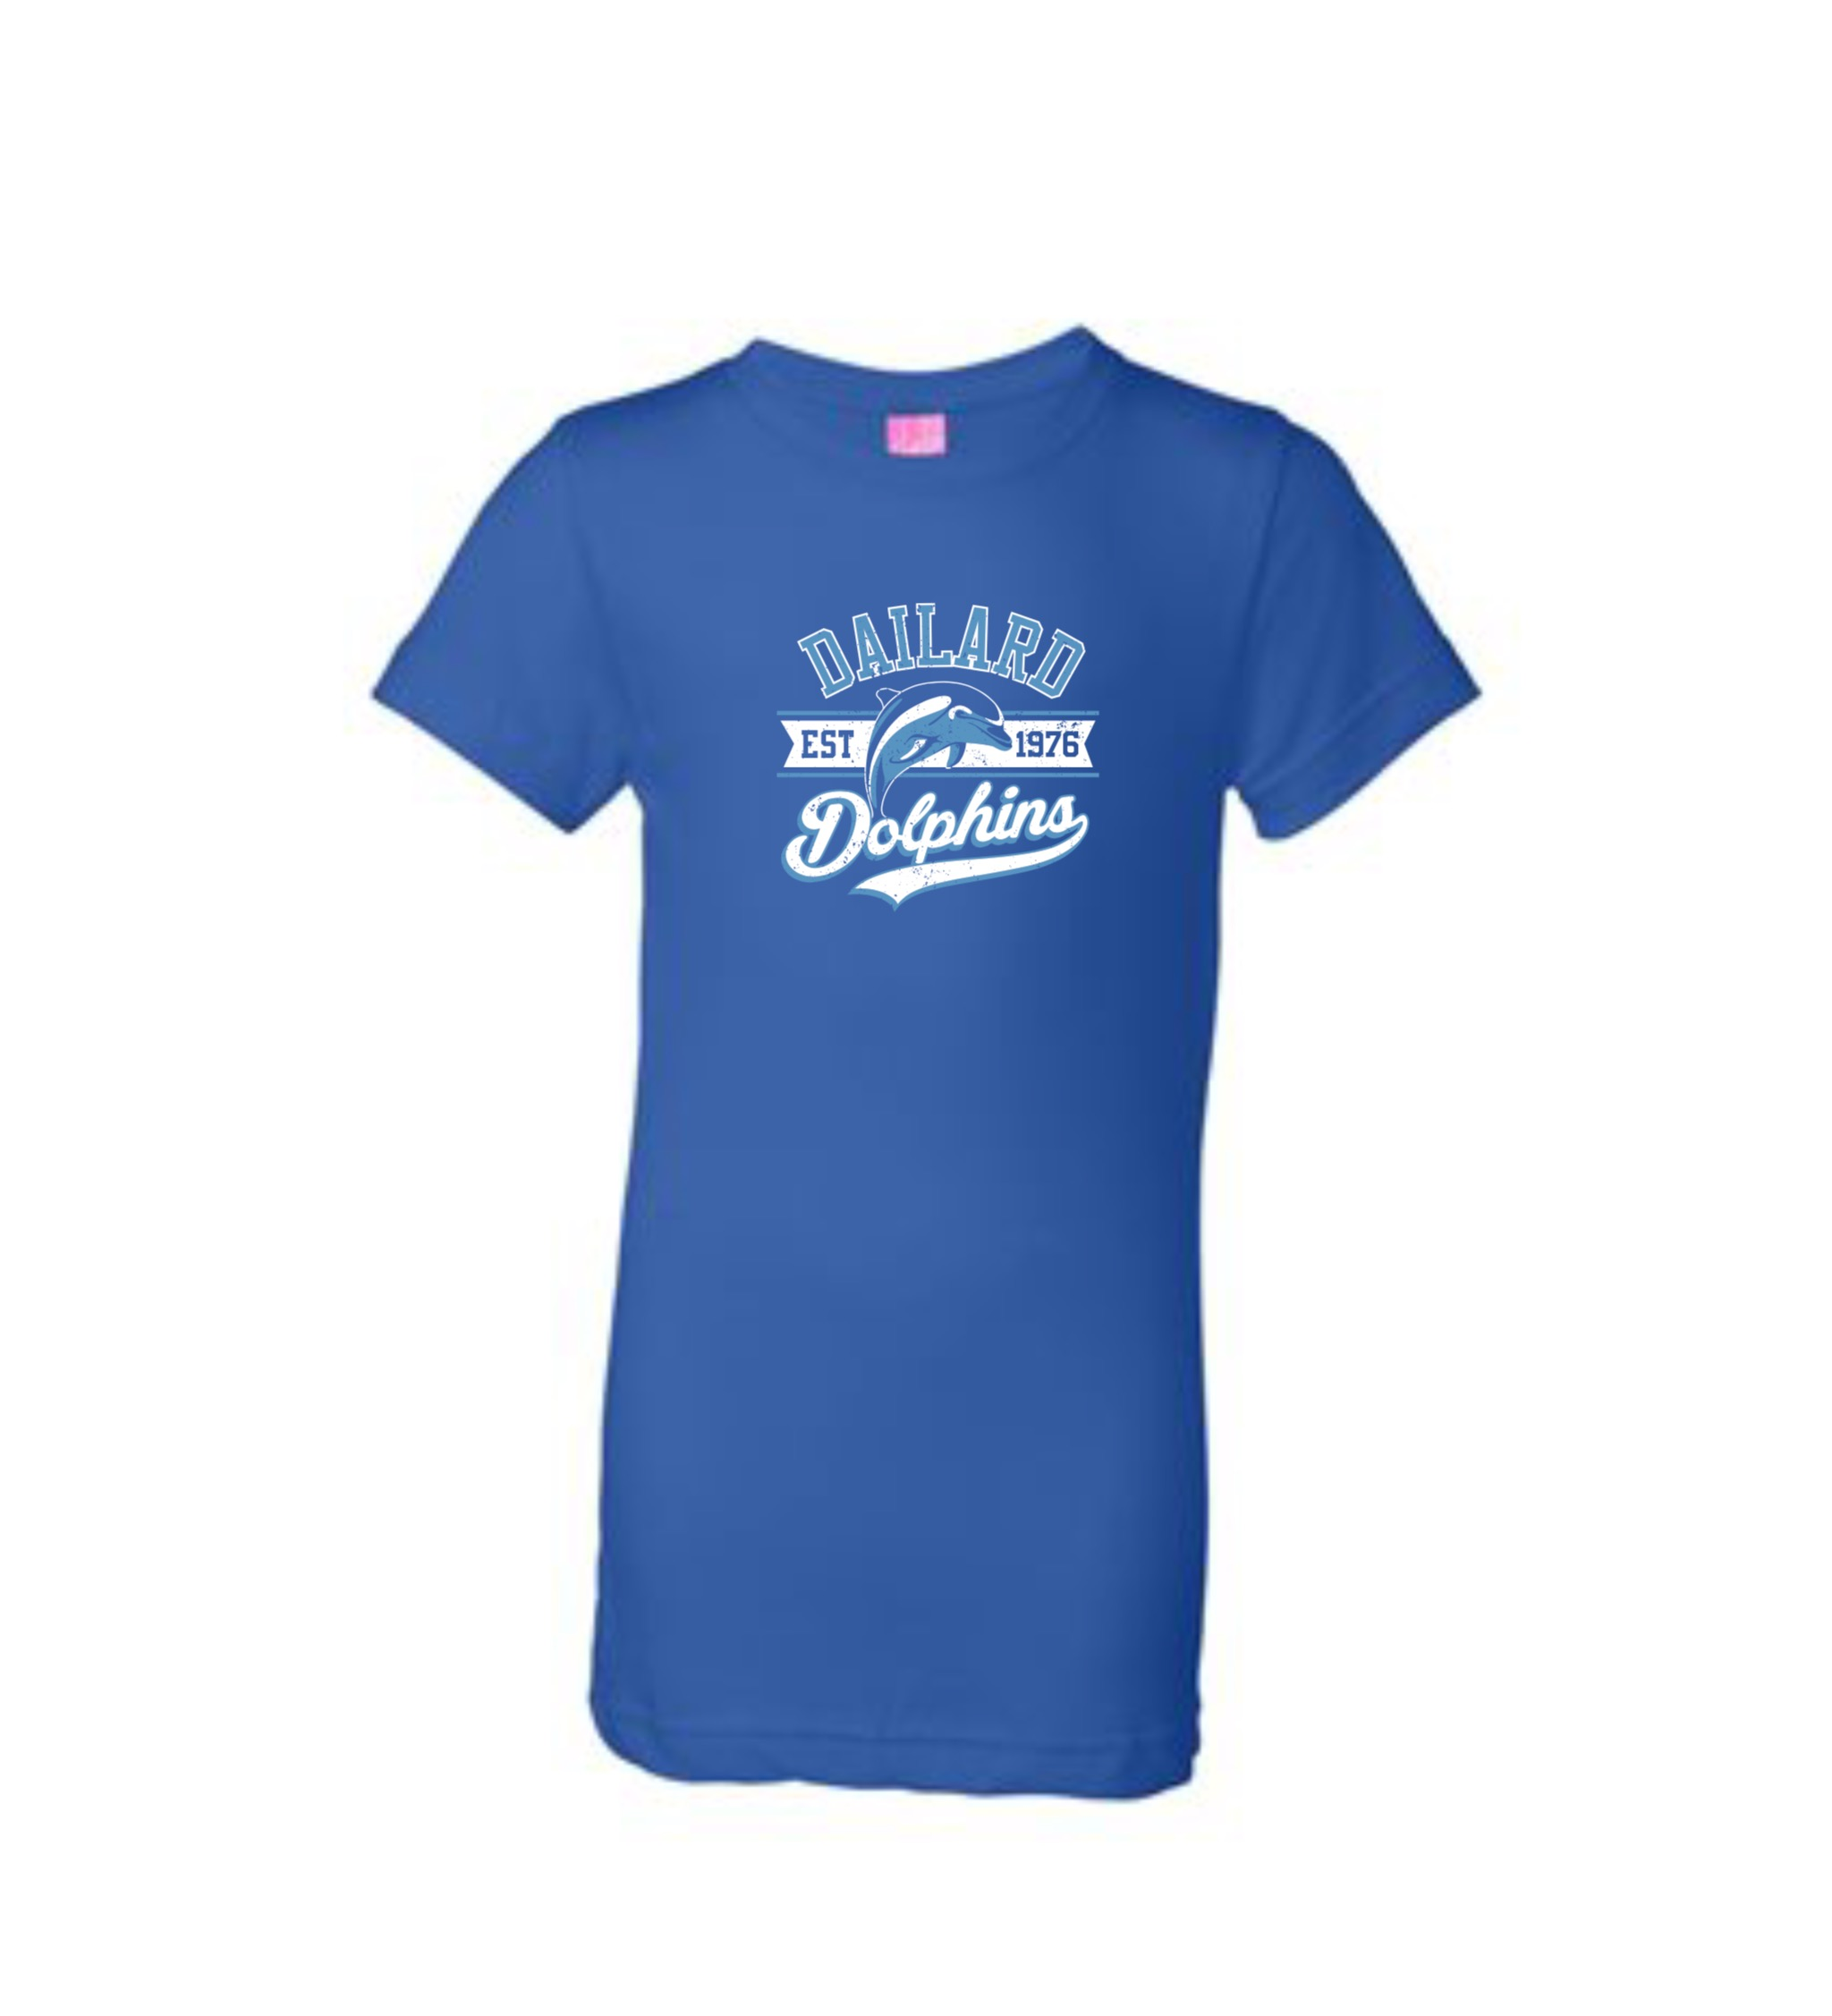 Spirit Wear Women's/Girls Shirt